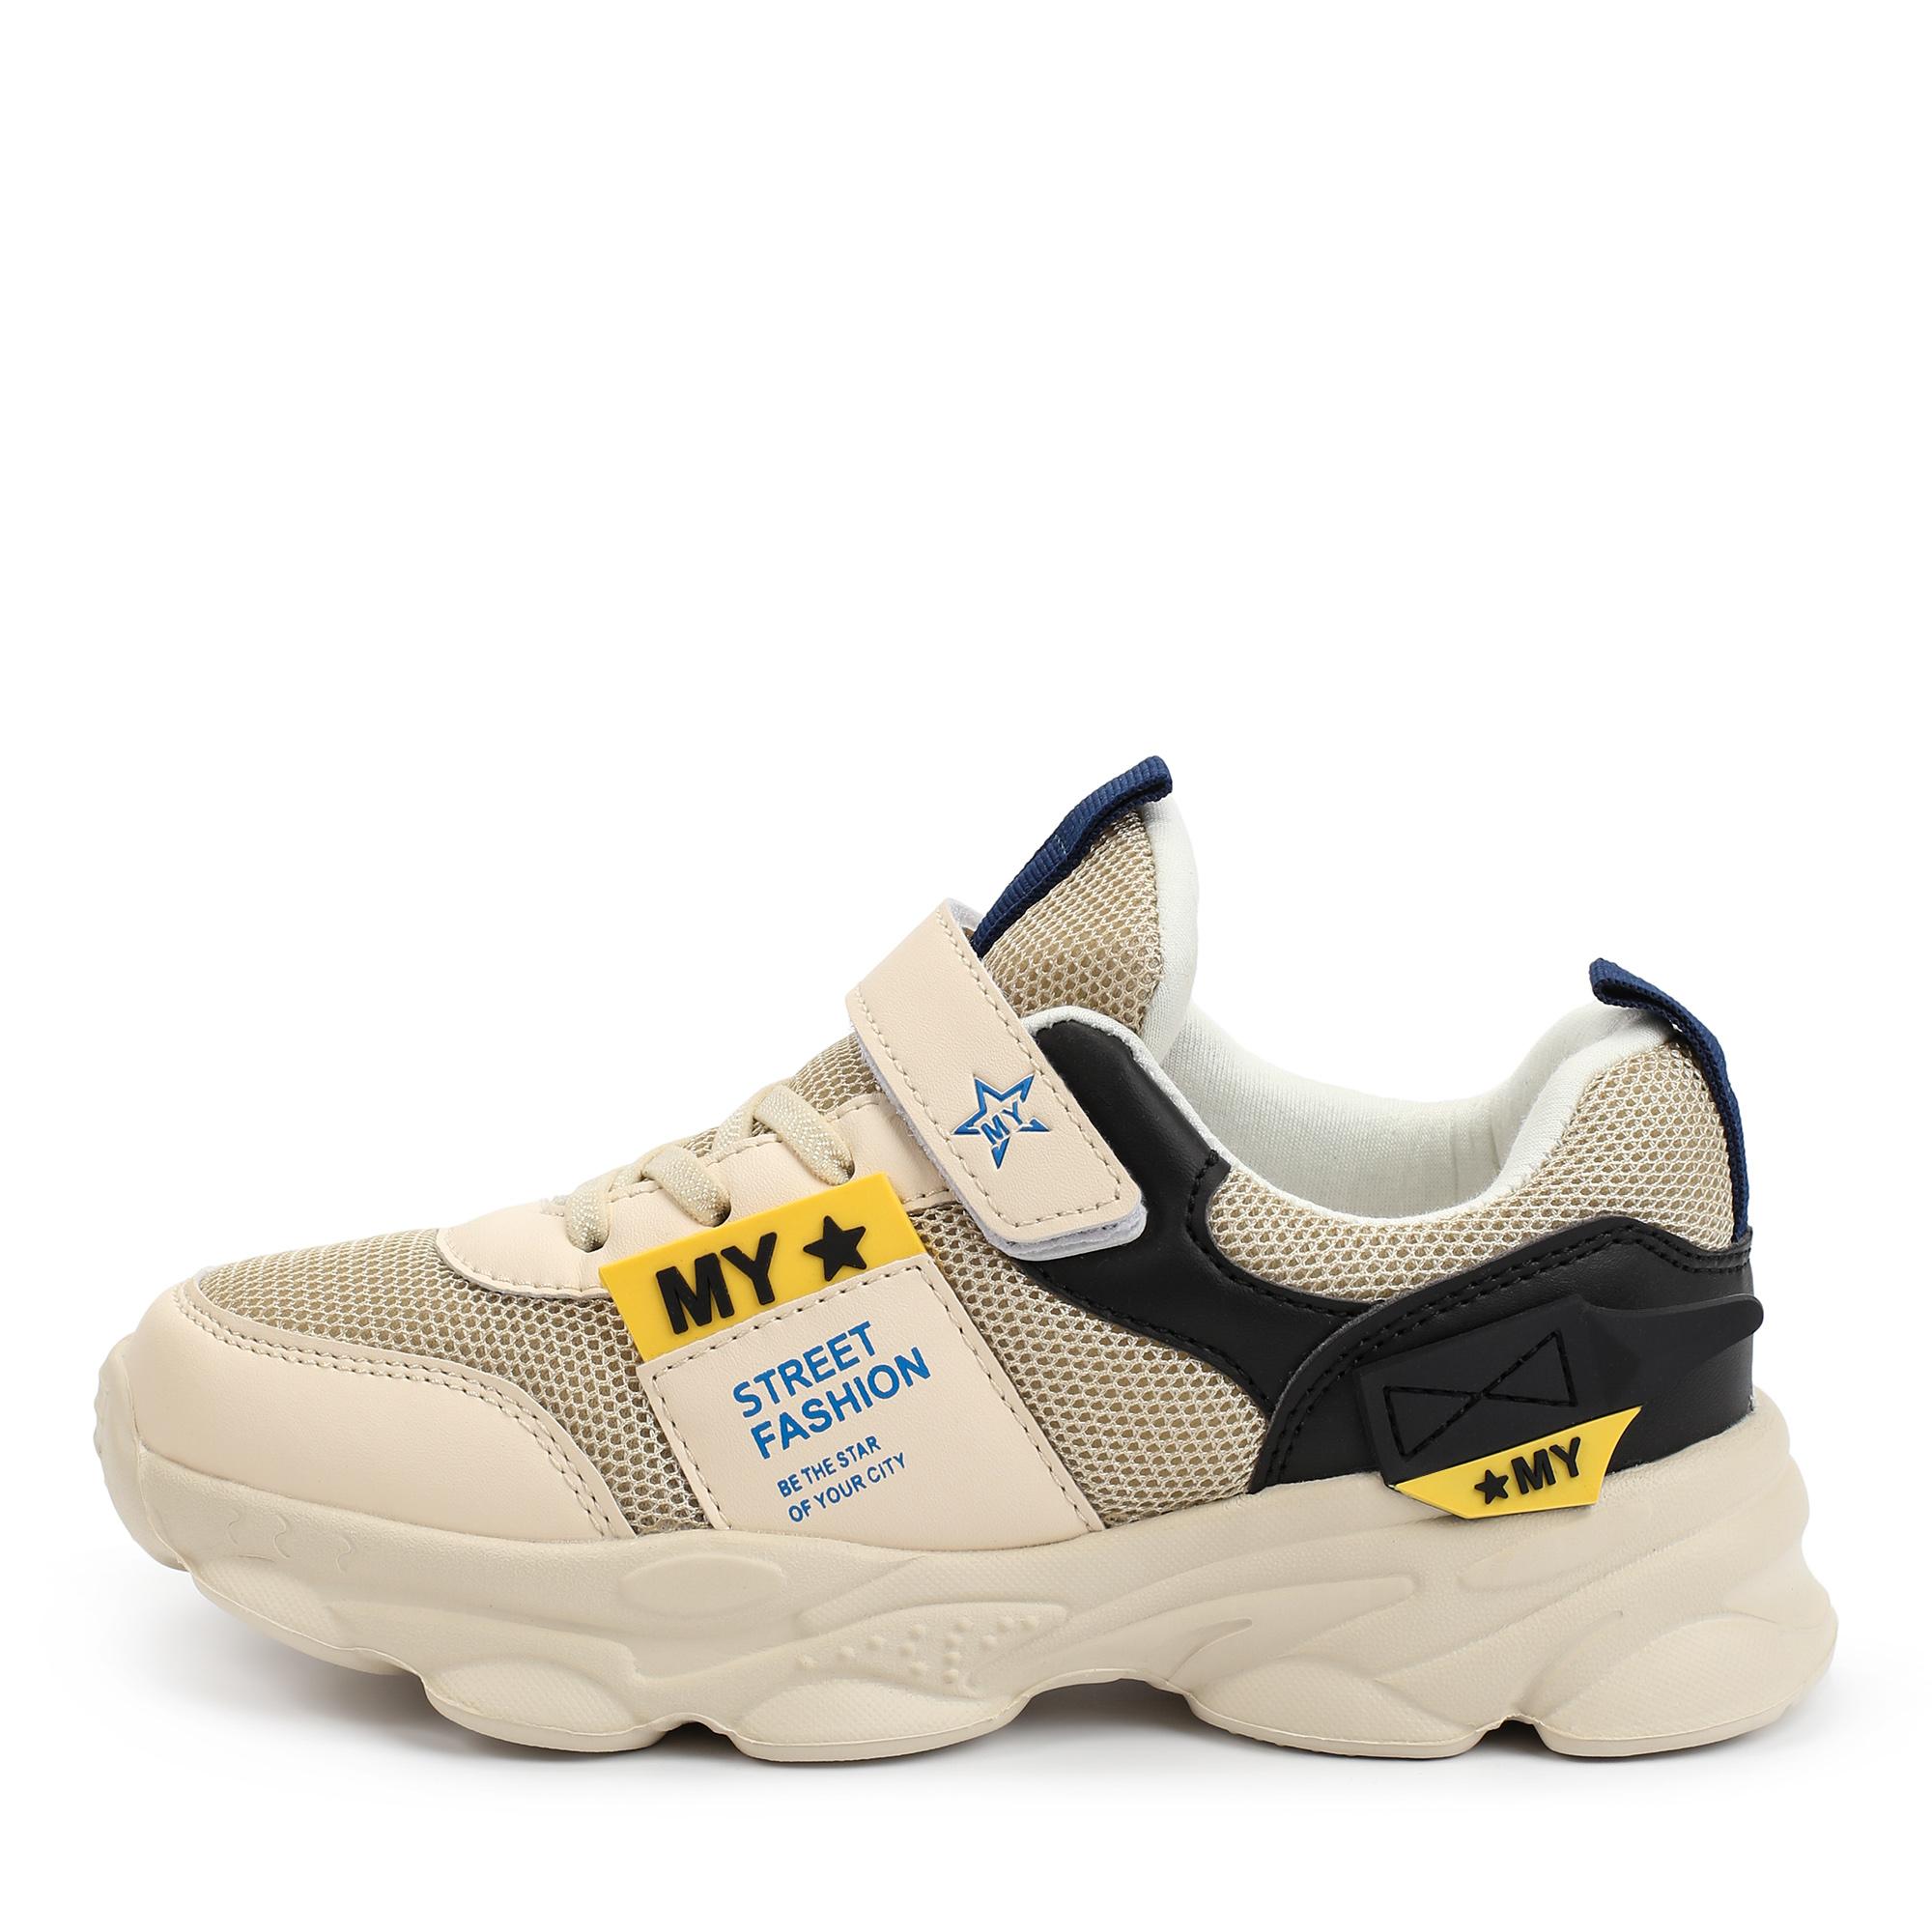 Обувь для мальчиков MUNZ YOUNG 268-329A-2210